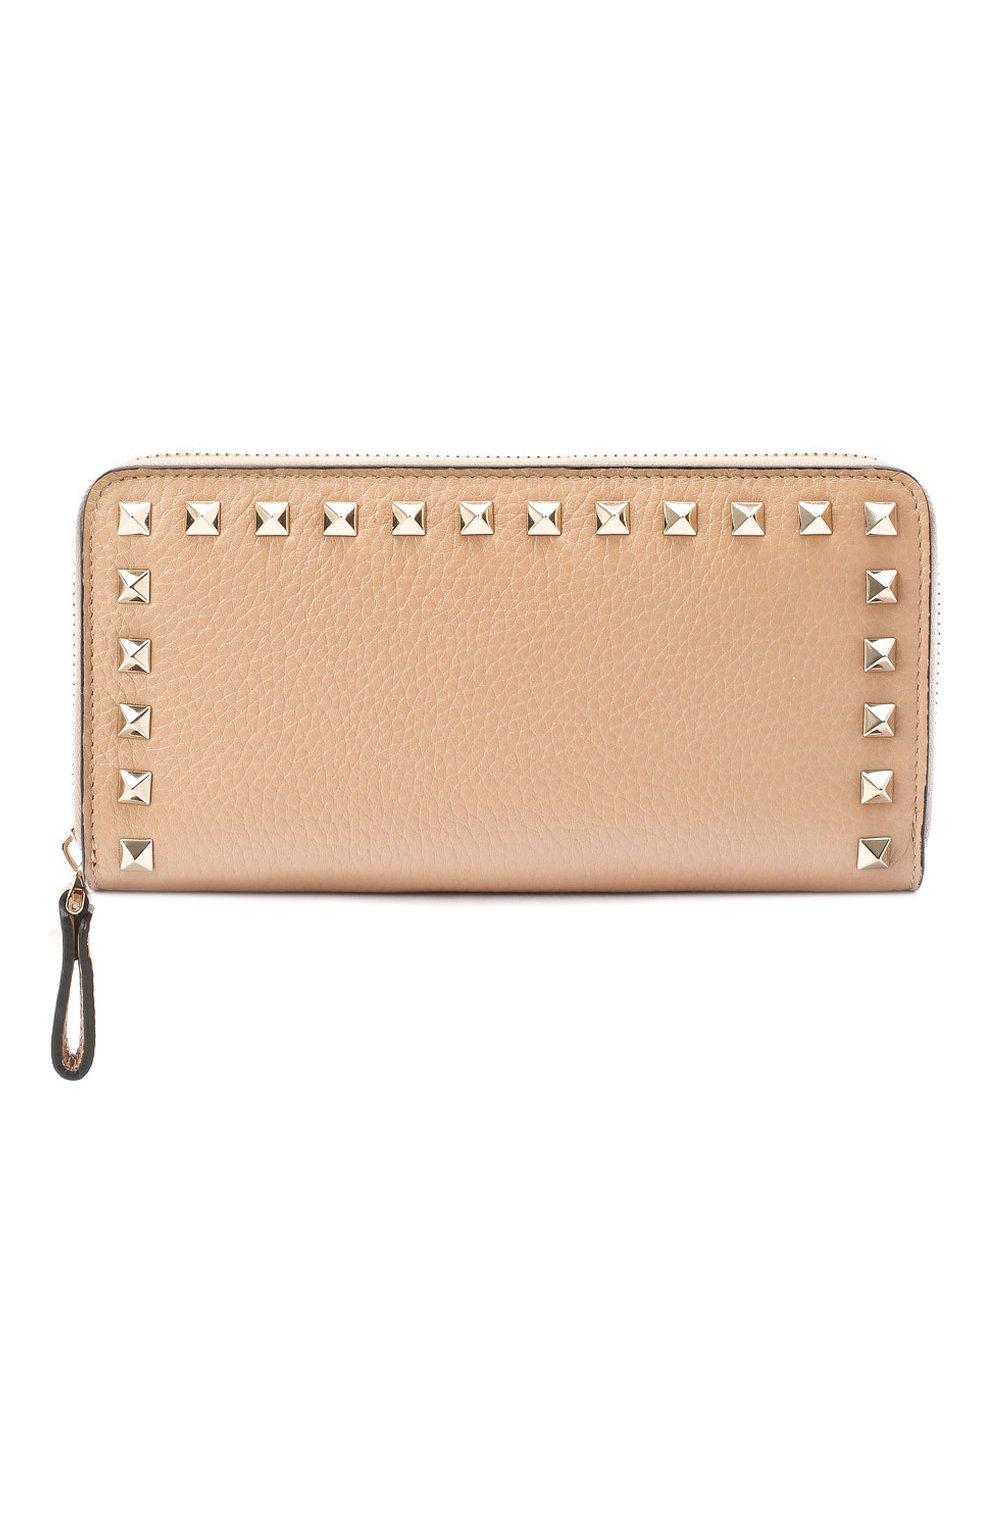 Кожаный кошелек на молнии Valentino Garavani Rockstud | Фото №1